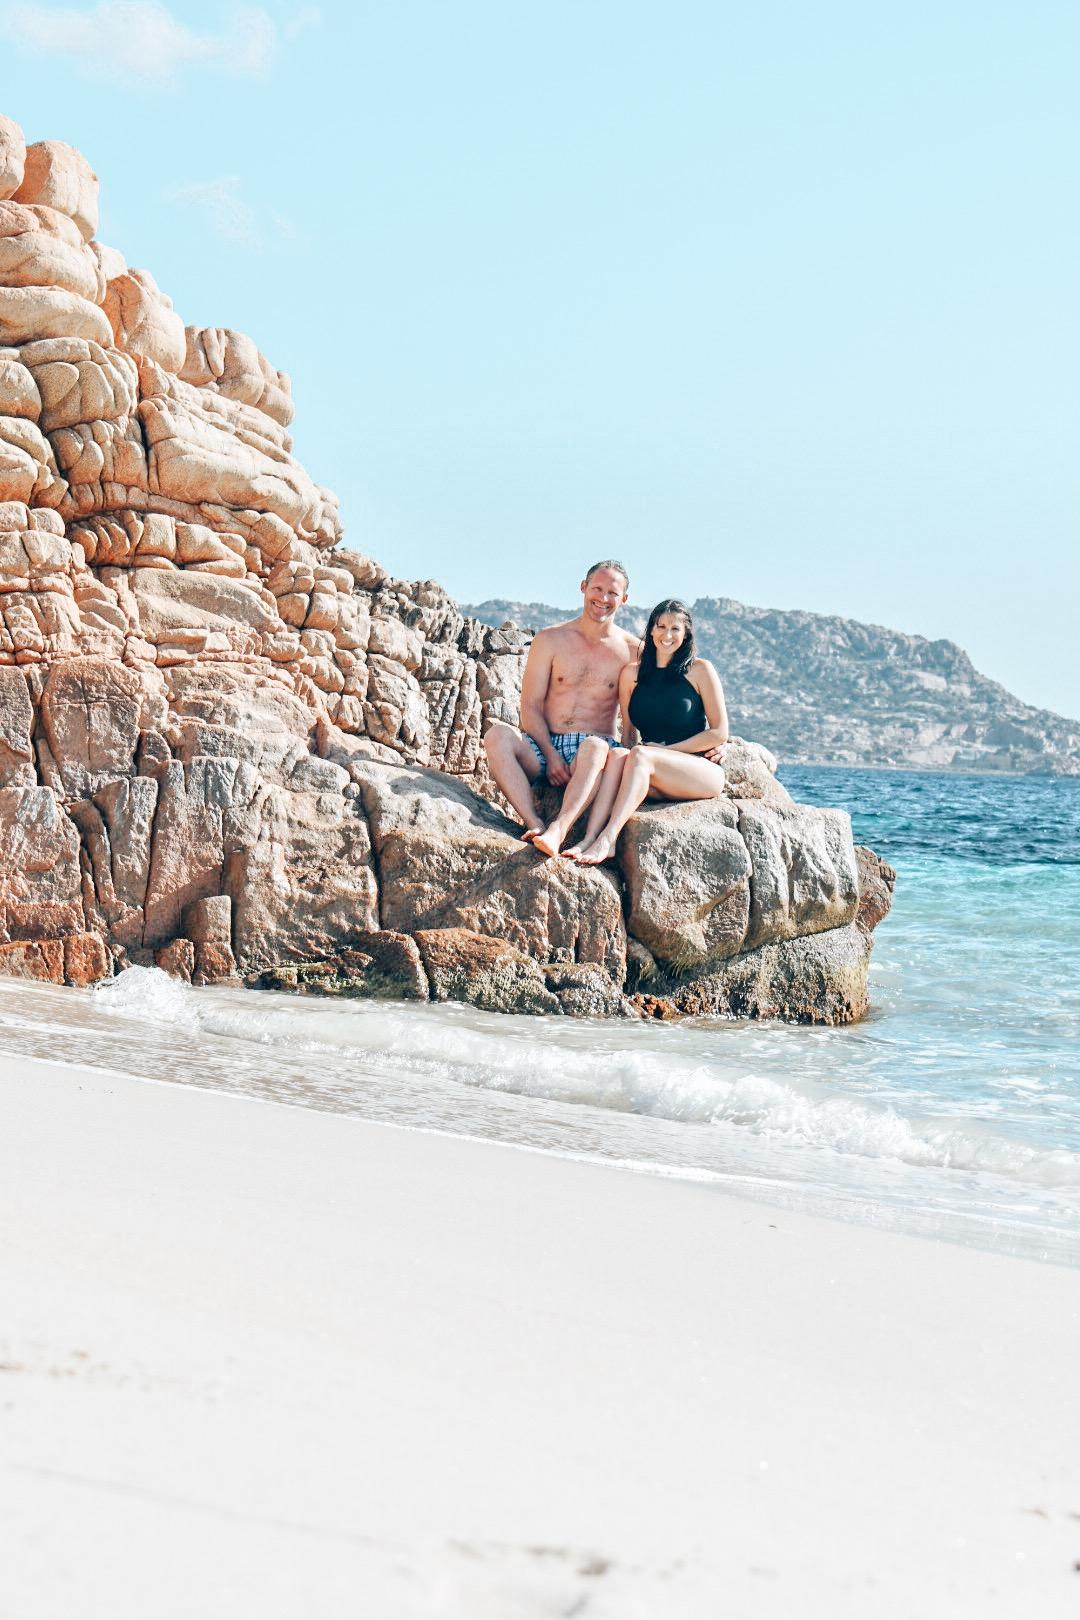 The white sand beaches of Sardinia, Italy